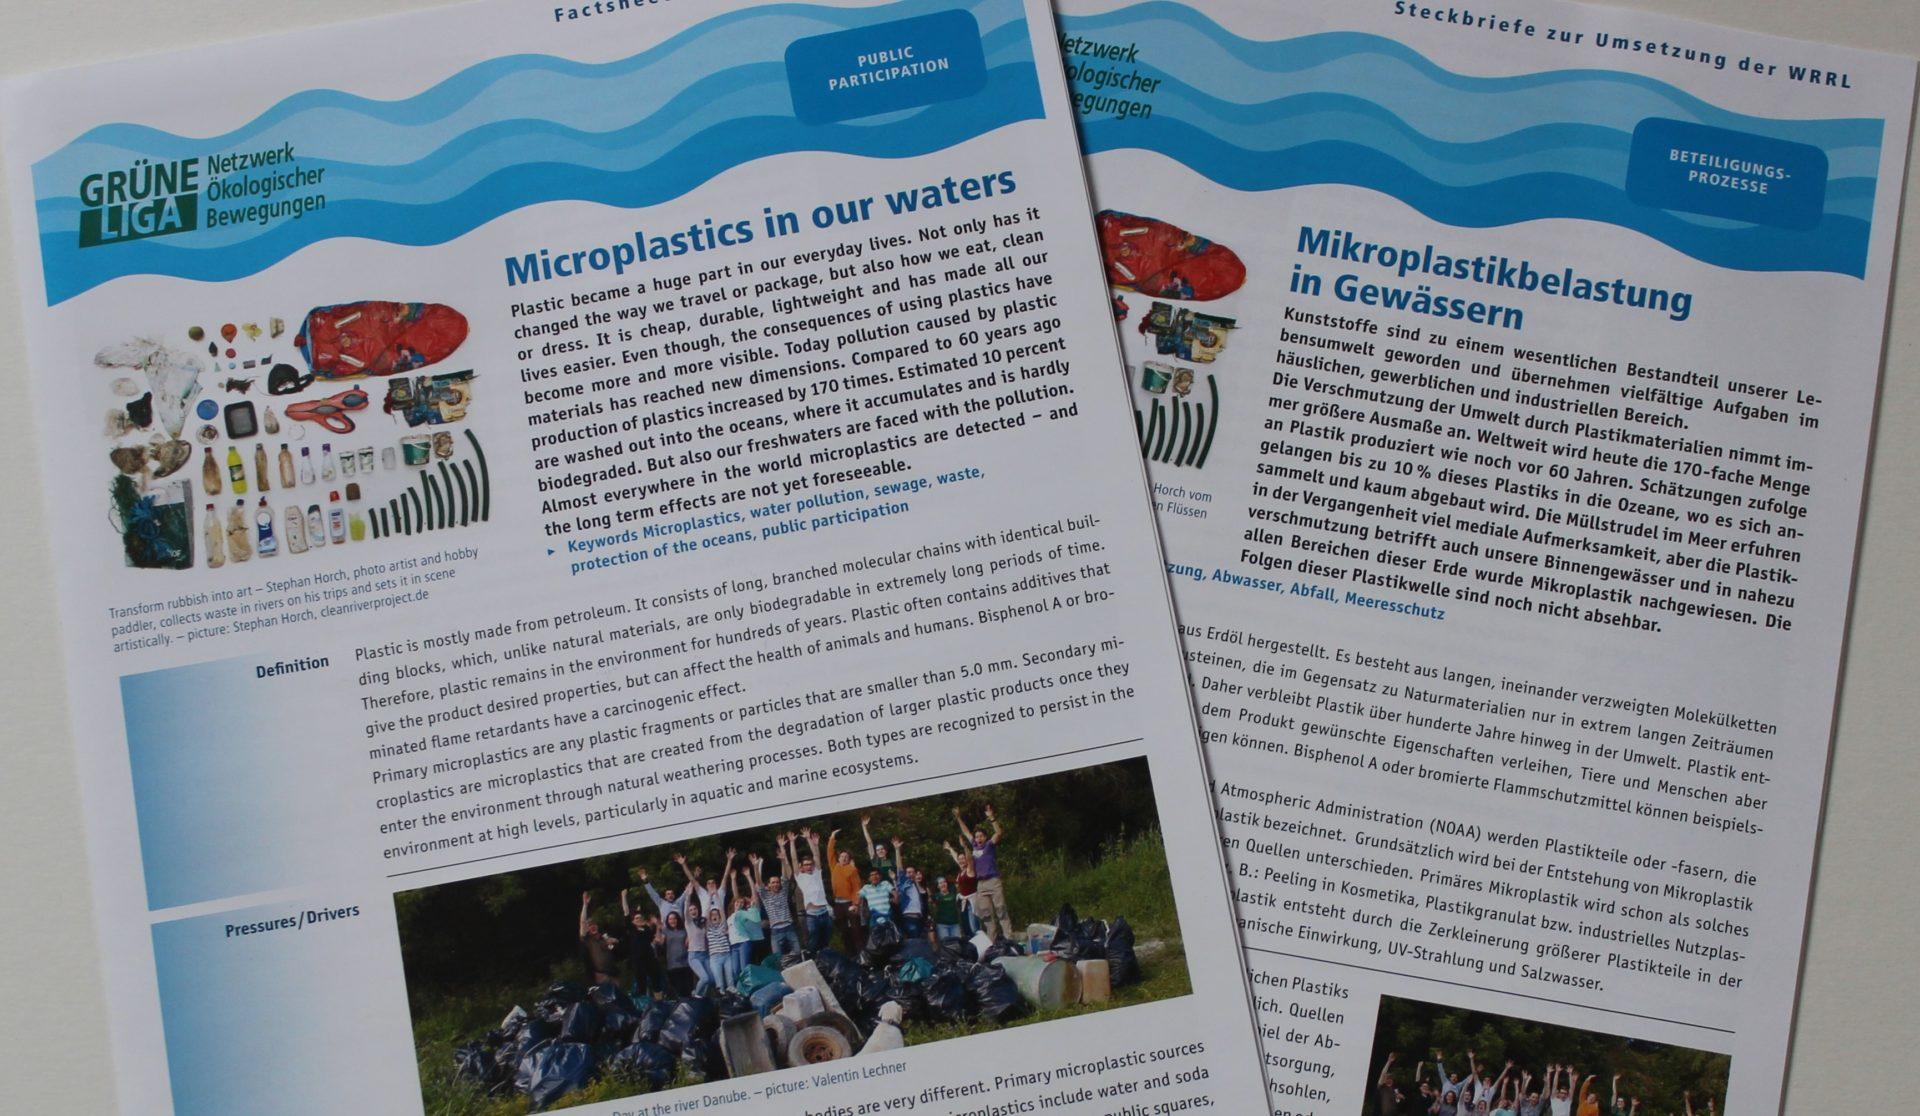 Druckfrische Exemplare der Factsheets zur Mikroplastikbelastung in Gewässern